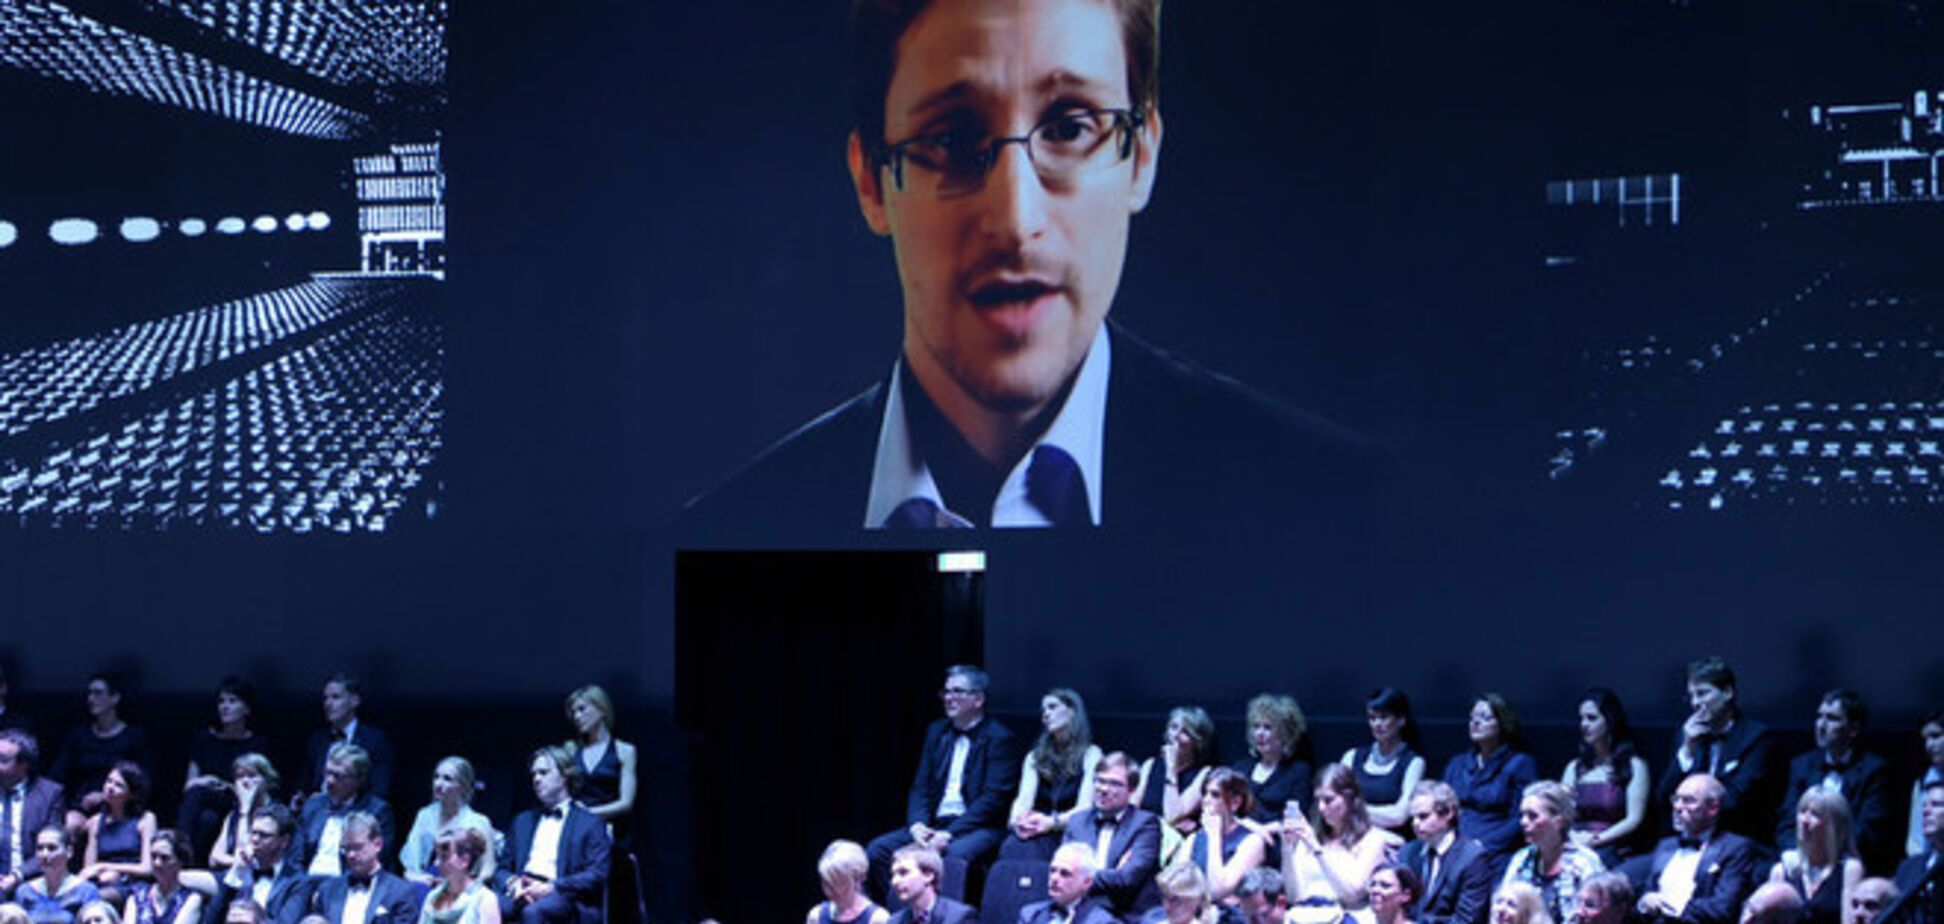 Германия наградила Сноудена за разоблачение спецслужб США